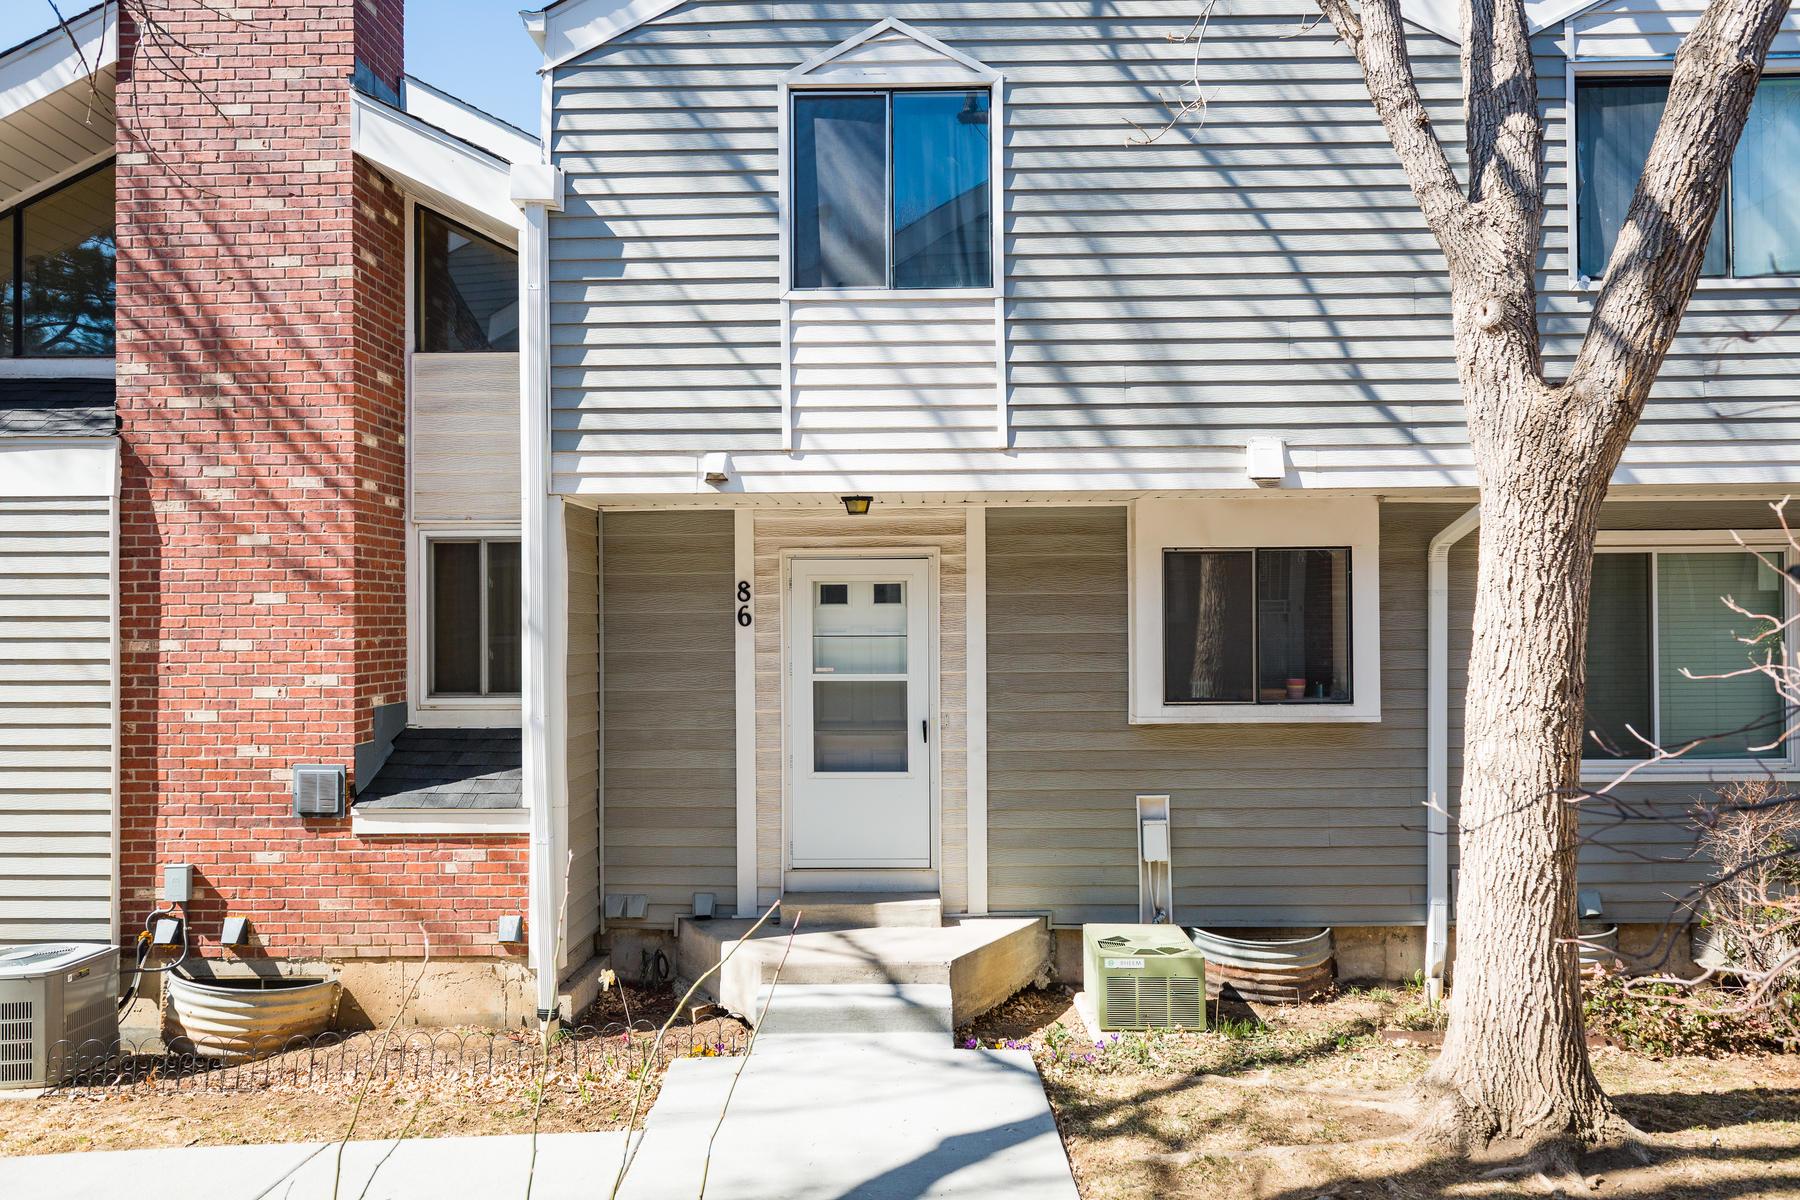 Частный односемейный дом для того Продажа на 86 South Nome Street Aurora, Колорадо, 80012 Соединенные Штаты